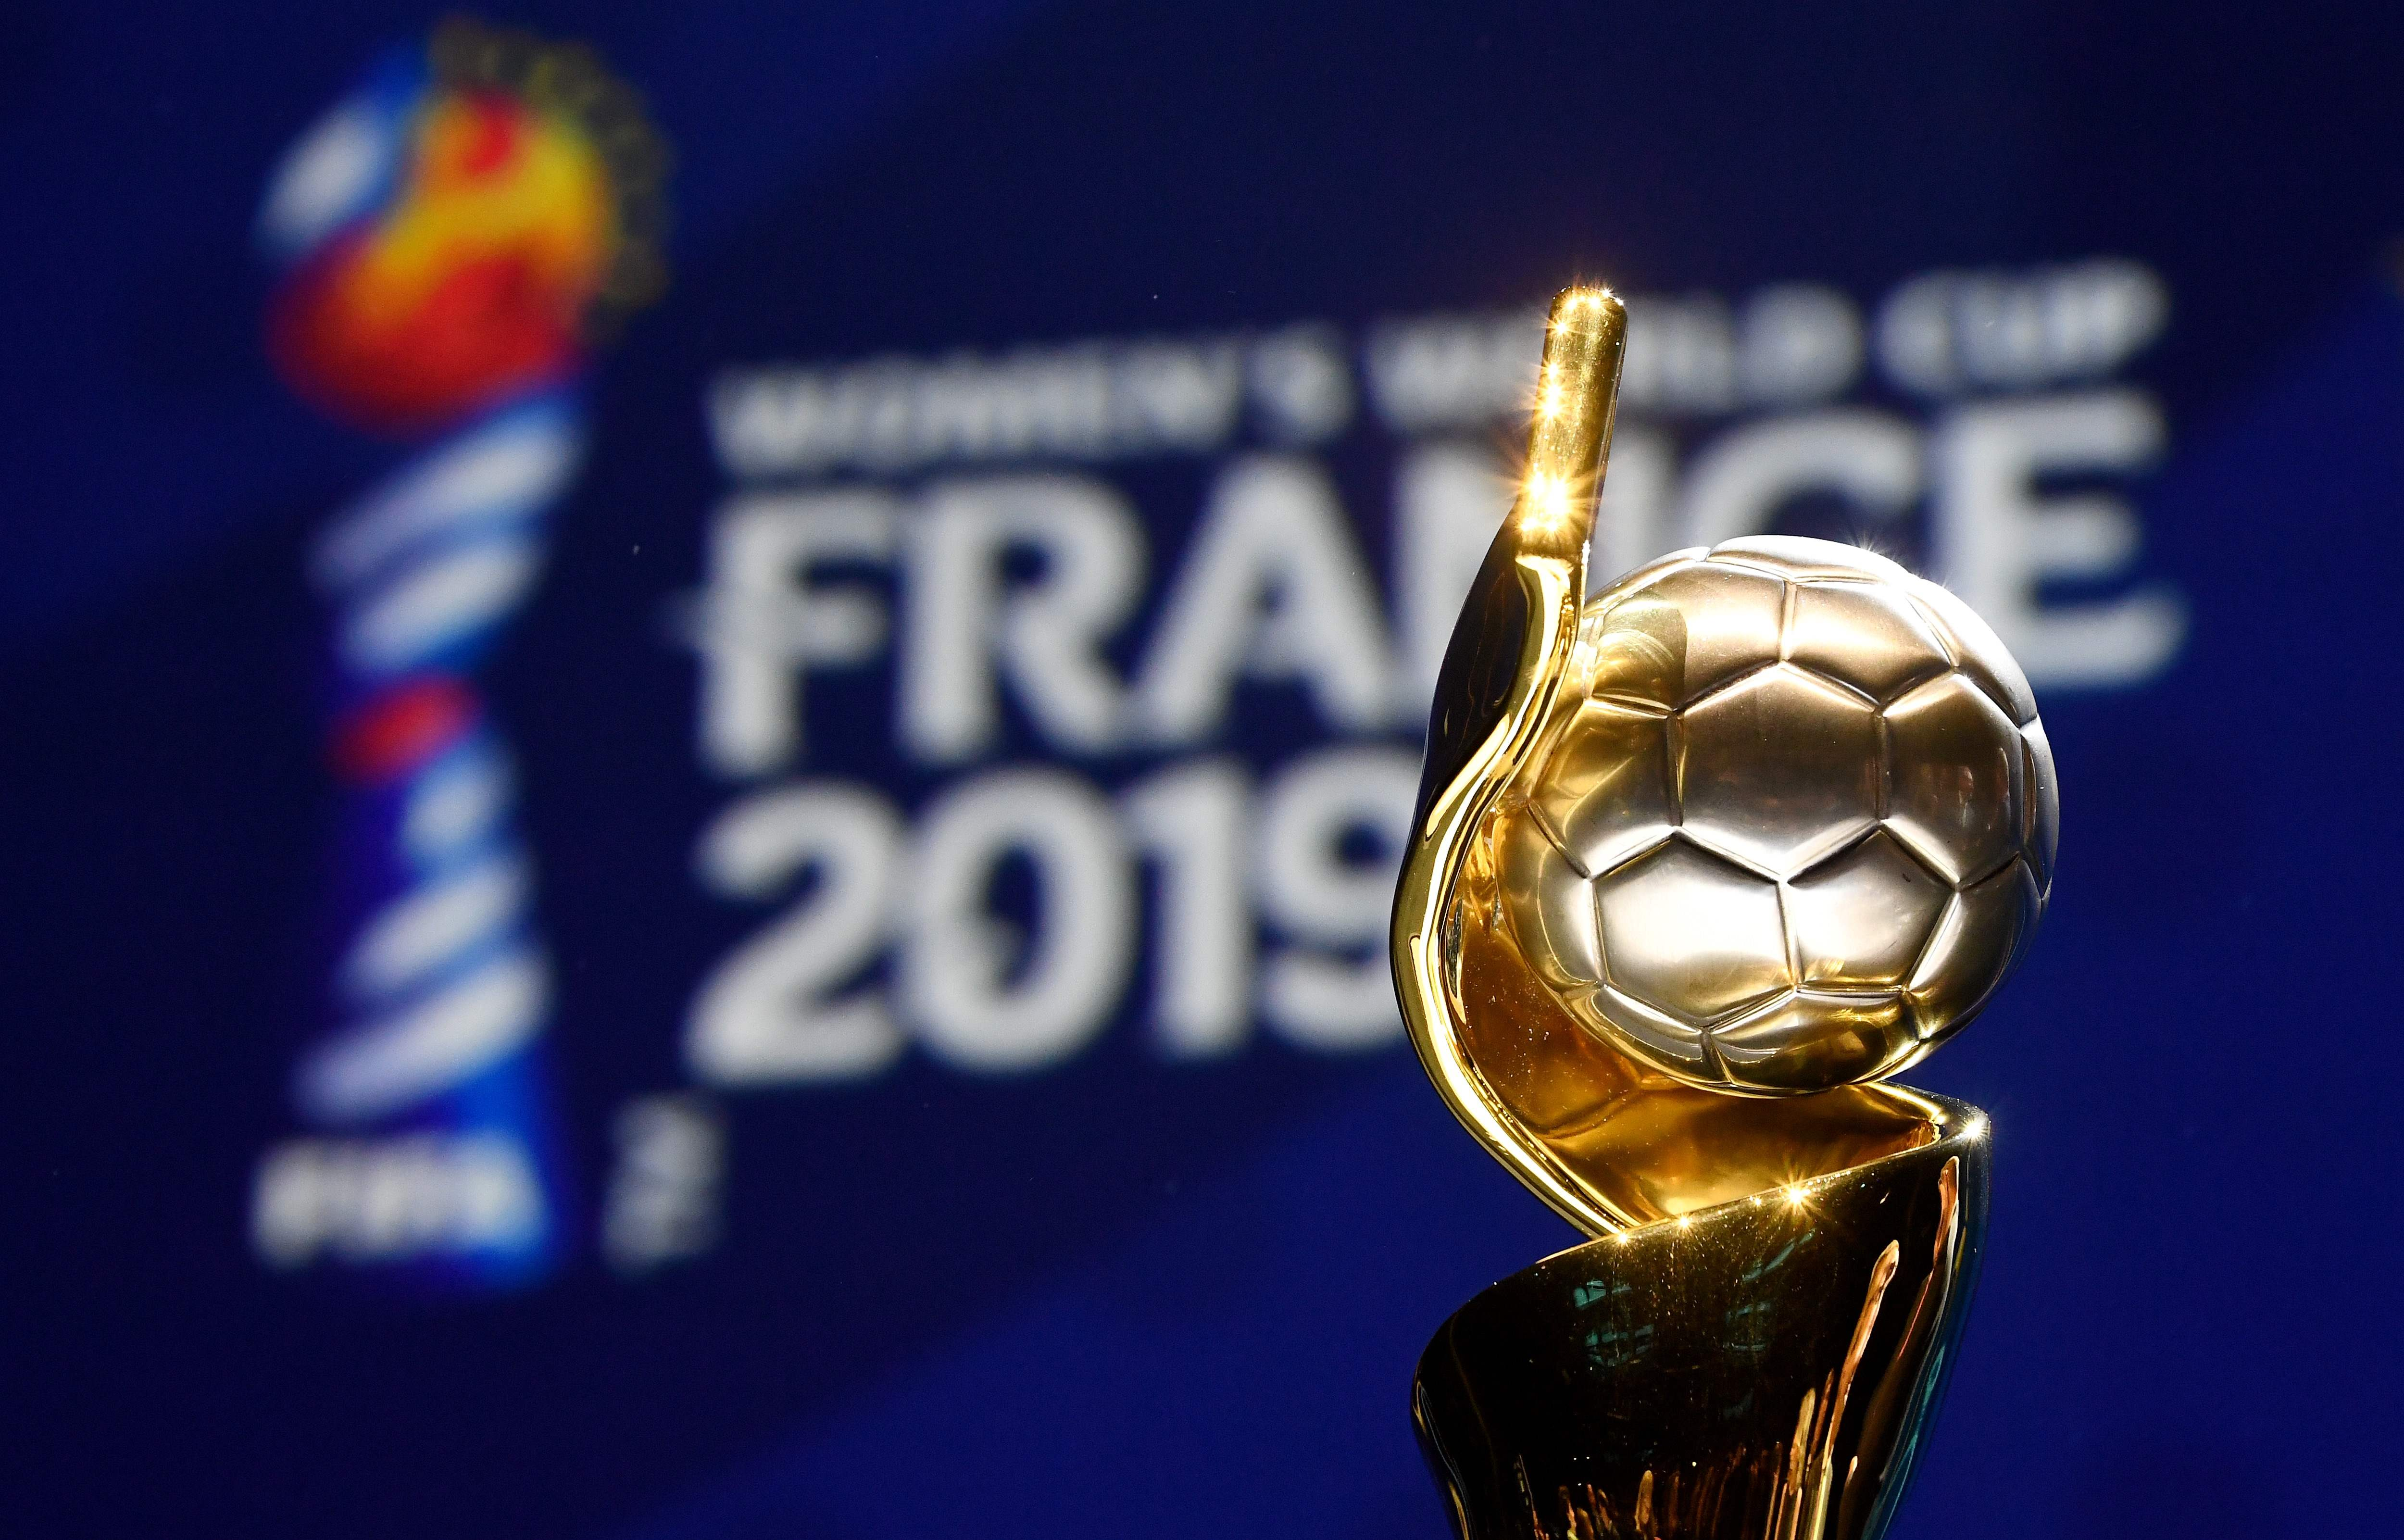 Coupe Du Monde Des Clubs 2020 Calendrier.Coupe Du Monde Feminine 2019 Le Calendrier Complet Coupe